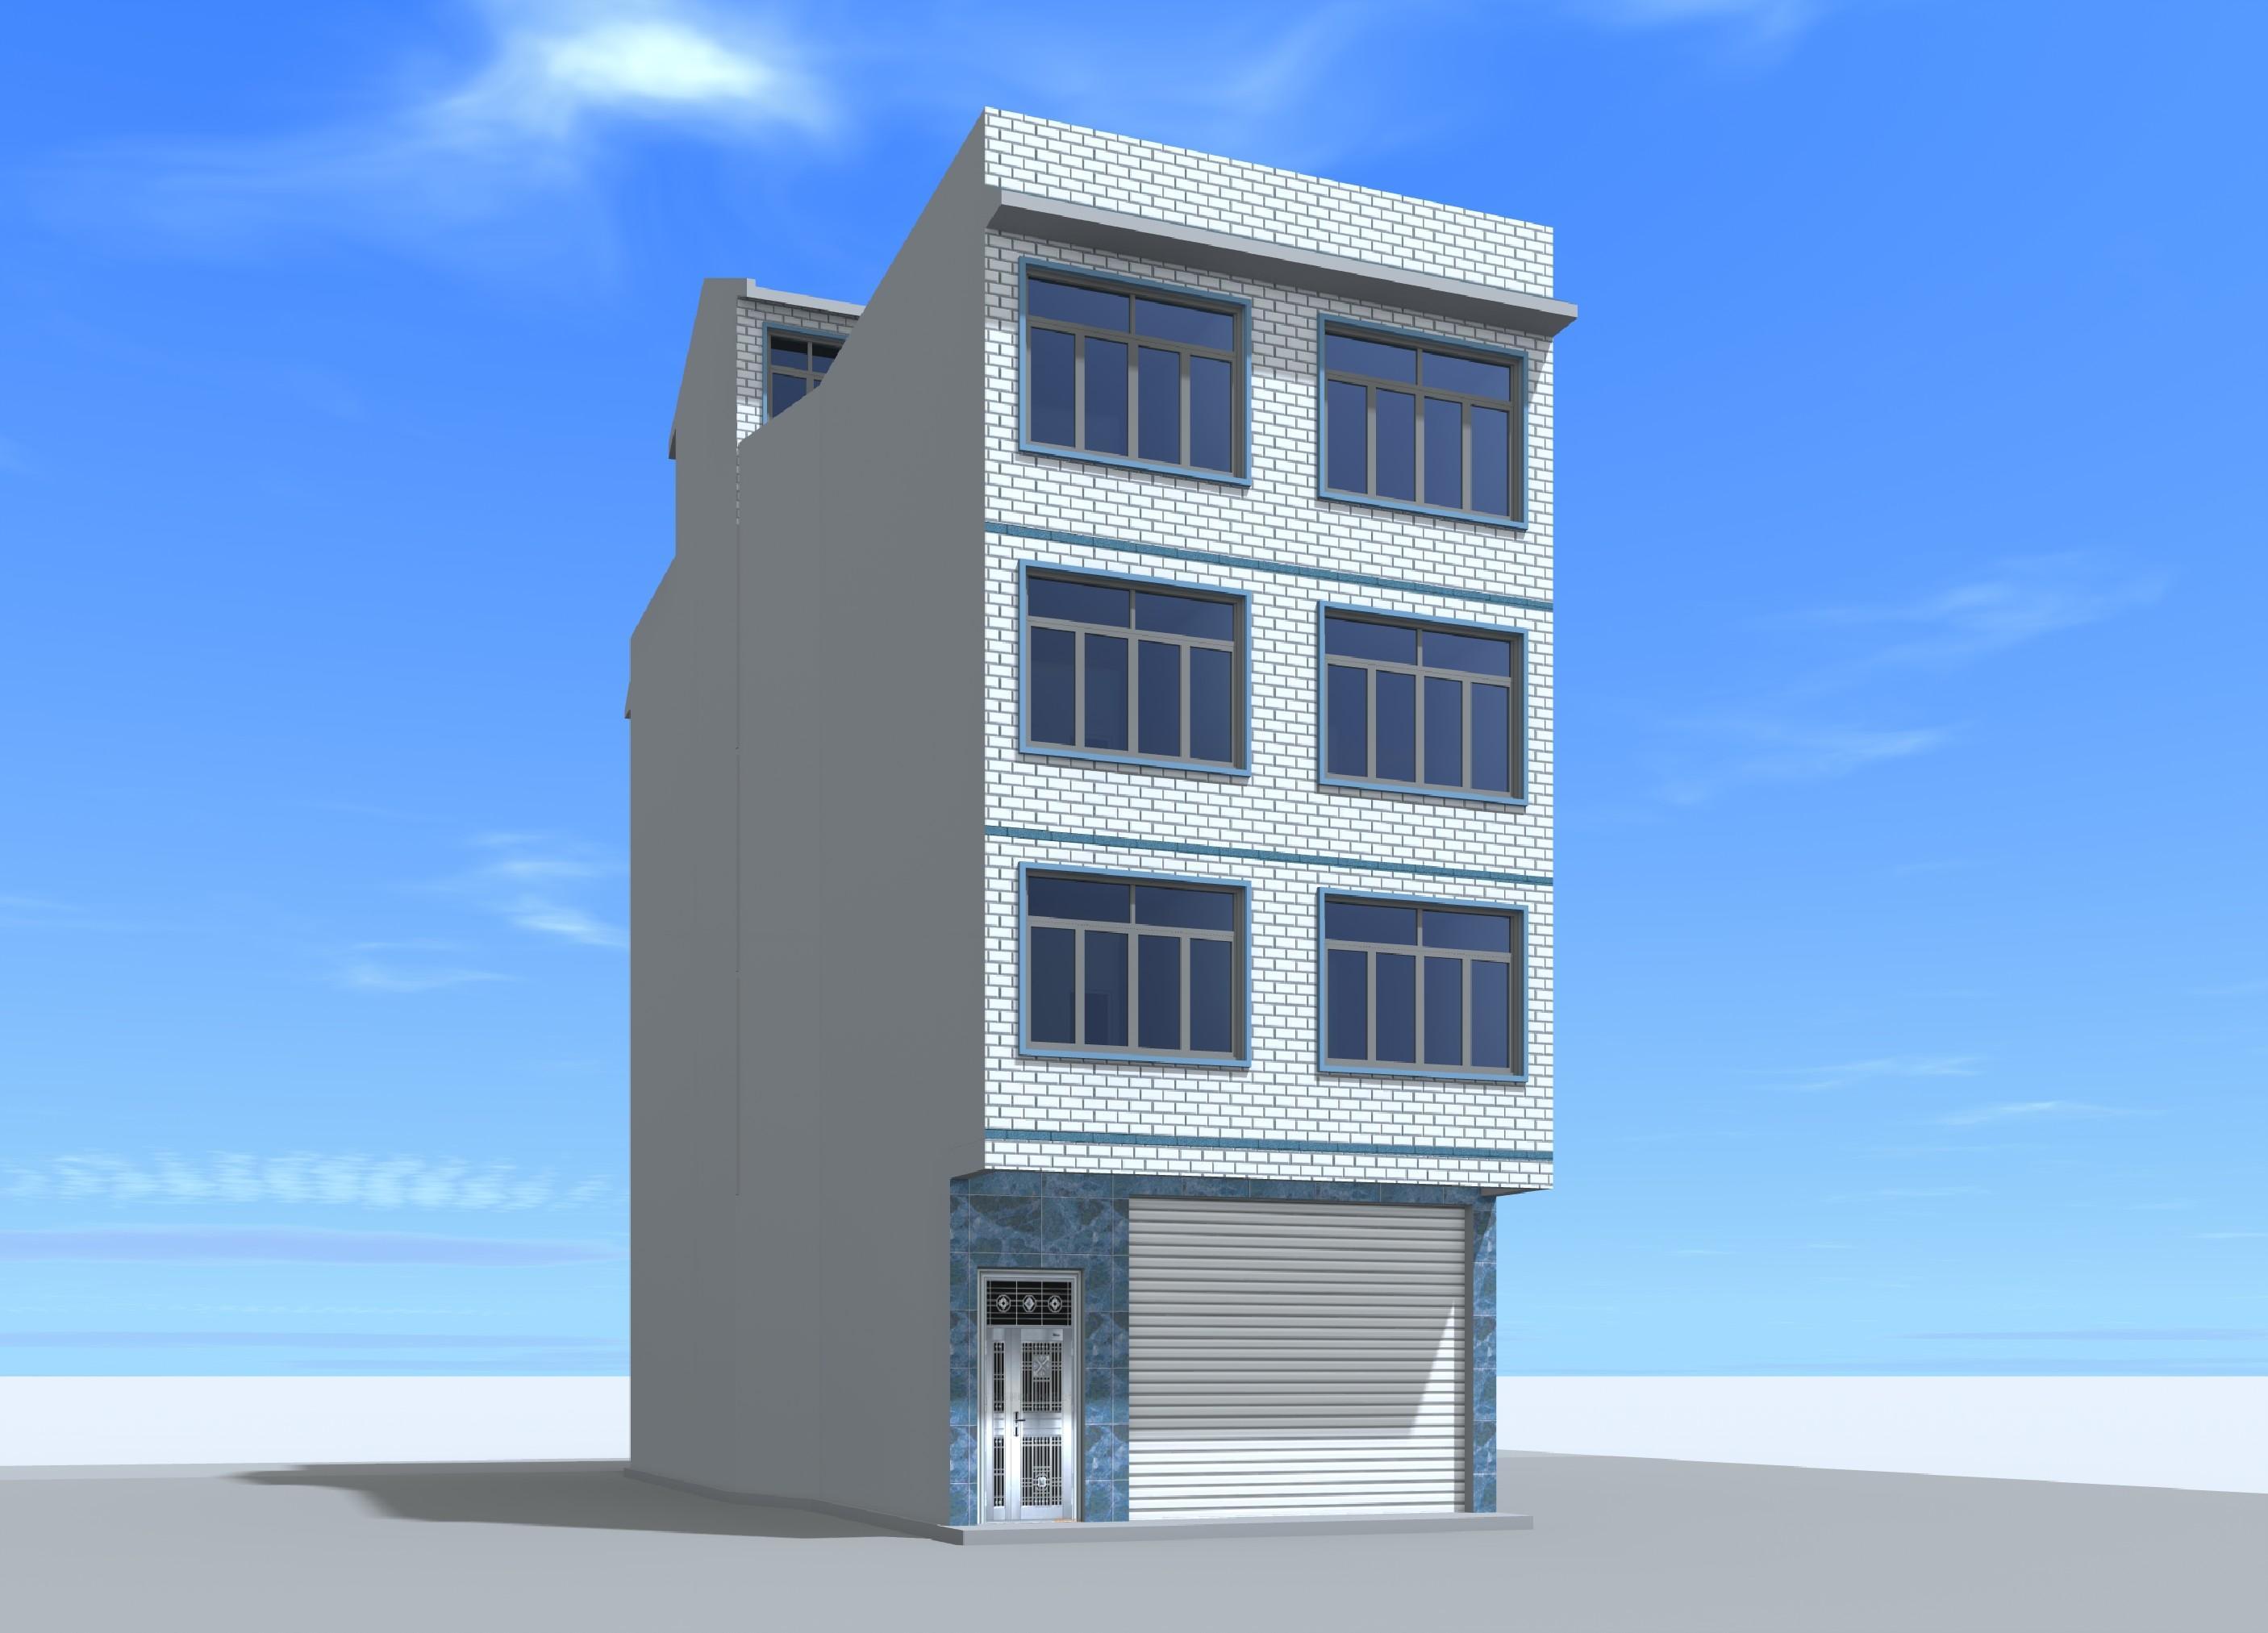 4x16.7 四层城镇临街自建门面楼房住宅设计图平面户型方案图纸效果图图片